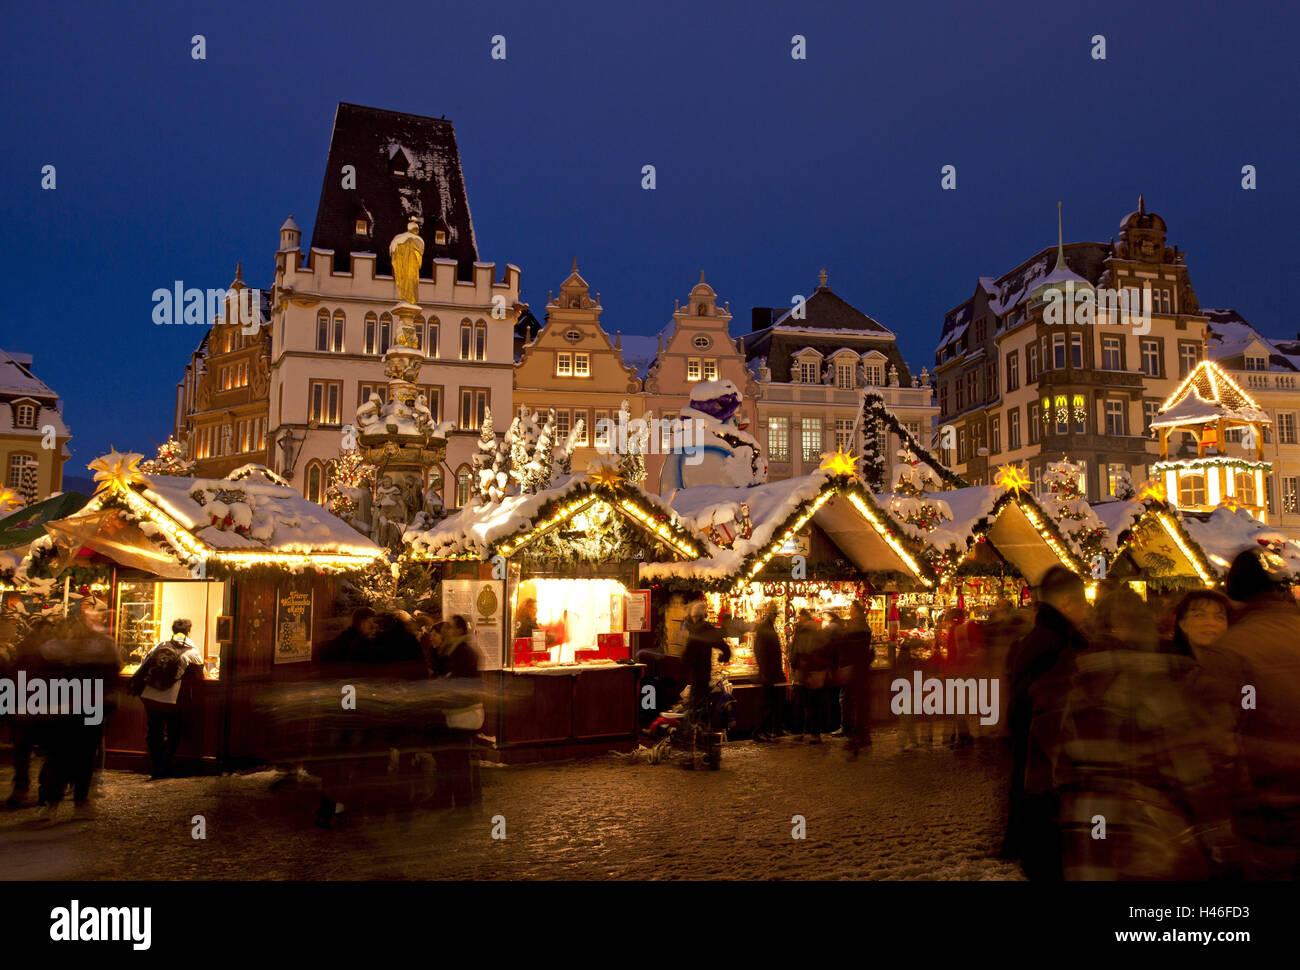 Weihnachtsmarkt In Trier.Deutschland Rheinland Pfalz Trier Weihnachtsmarkt Abend